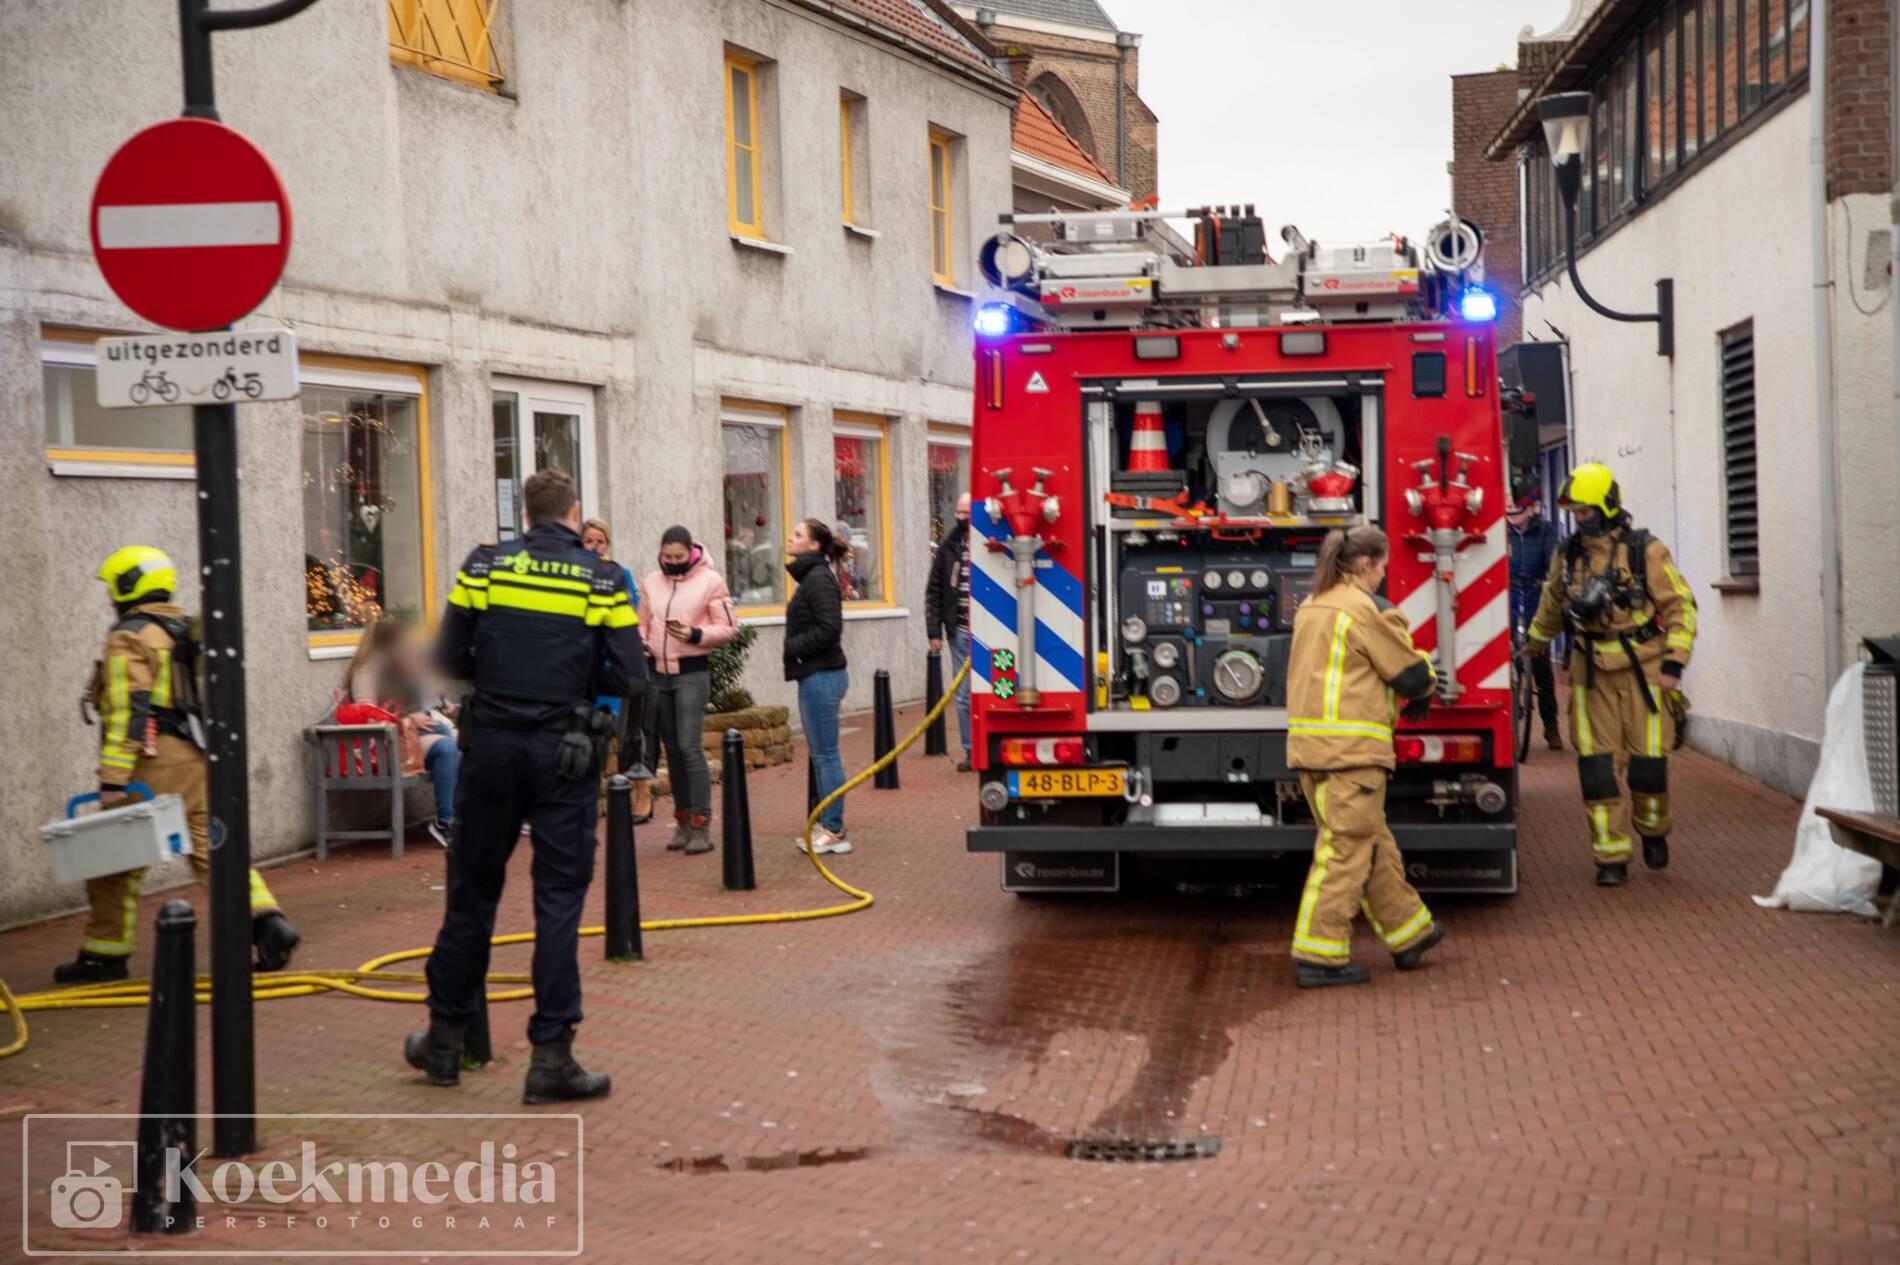 Brandje in ventilator bij cafetaria de Eethoek in de Lier